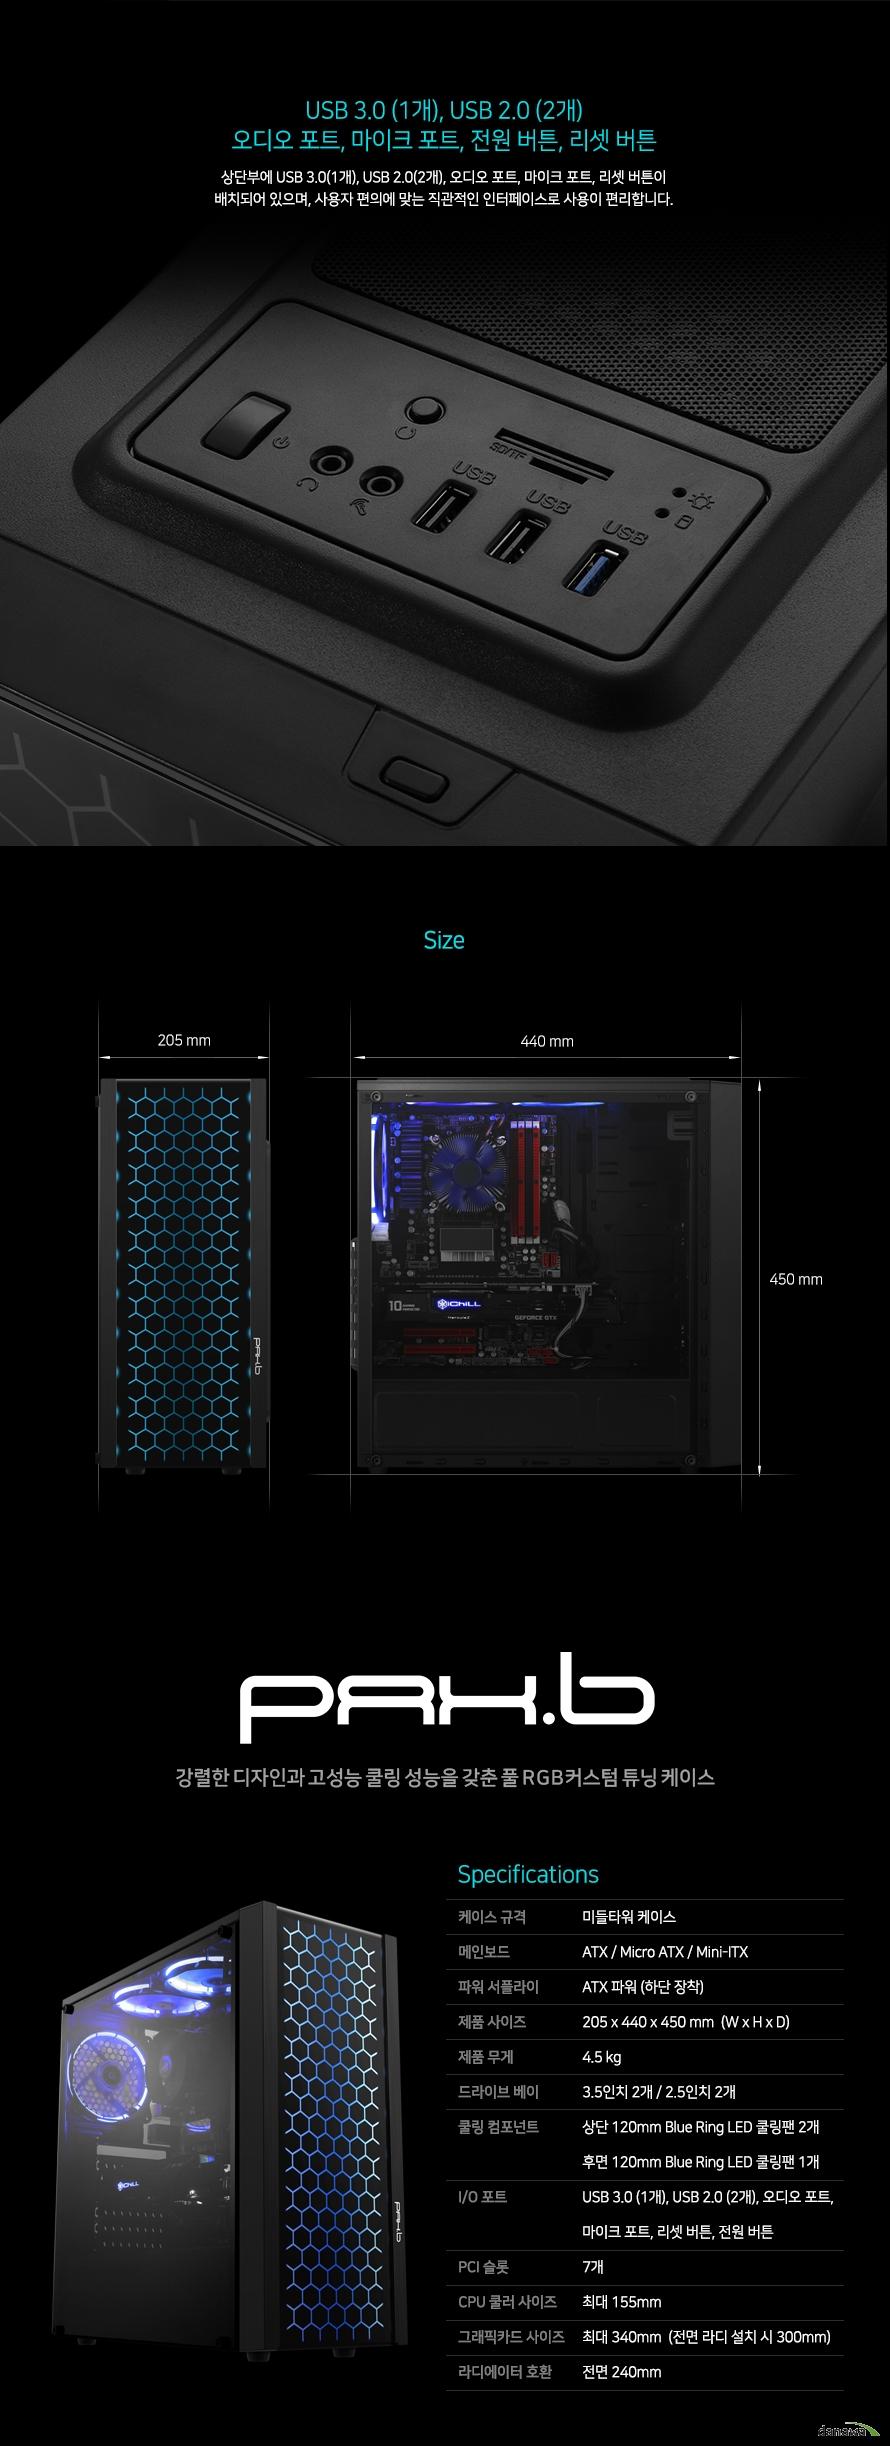 상세사양케이스 규격미들타워 케이스메인보드ATX / Micro ATX / Mini-ITX파워 서플라이ATX 파워 (하단 장착)제품 사이즈205 x 440 x 450 mm  (W x H x D)제품 무게3.5 kg드라이브 베이3.5인치 2개 / 2.5인치 2개쿨링 컴포넌트상단 120mm 블루 링 LED 쿨링팬 2개후면 120mm 블루 링 LED 쿨링팬 1개I/O 포트USB 3.0 (1개), USB 2.0 (2개), 오디오 포트, 마이크 포트, 리셋 버튼, 전원 버튼PCI 슬롯7개CPU 쿨러 사이즈 최대 155mm 그래픽카드 사이즈 최대 340mm  (상단 라디 설치 시 300mm)라디에이터 호환상단 240mm